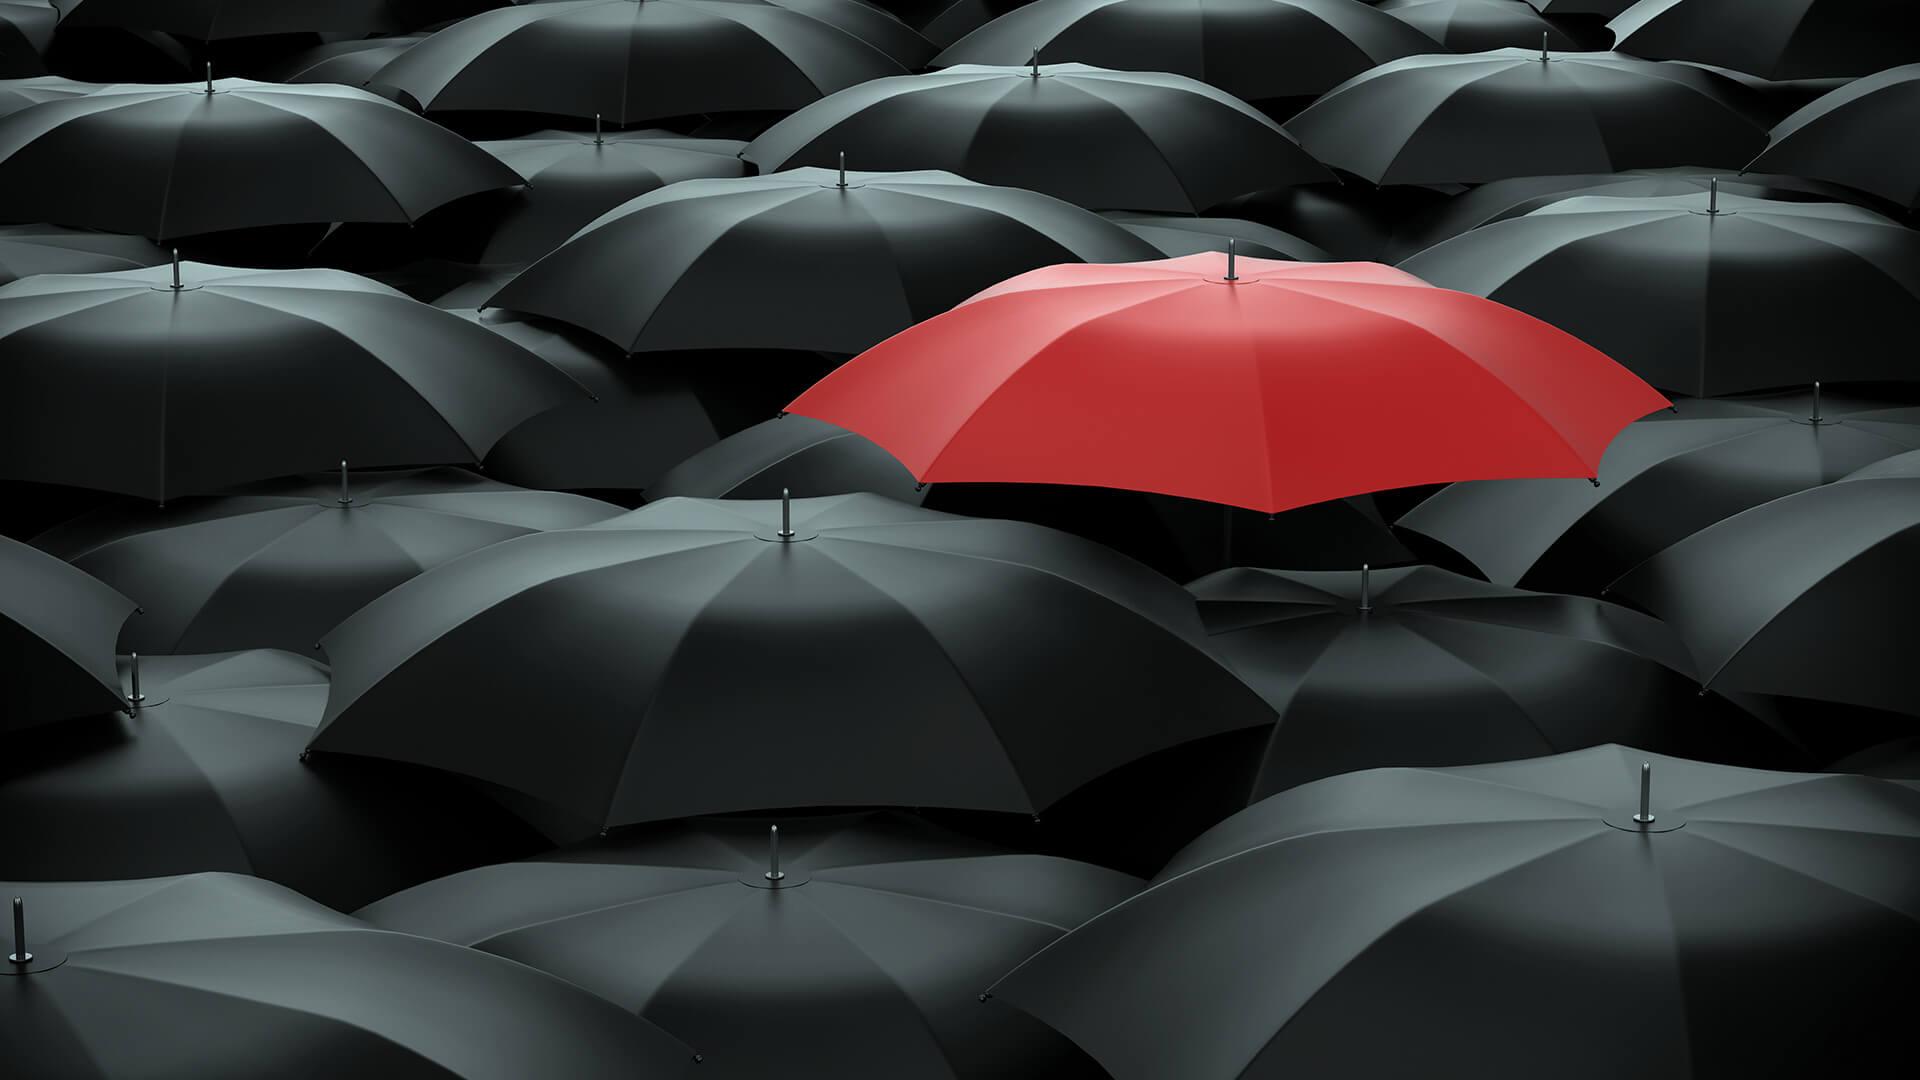 unique-different-alone-solo-umbrellas-ss-1920